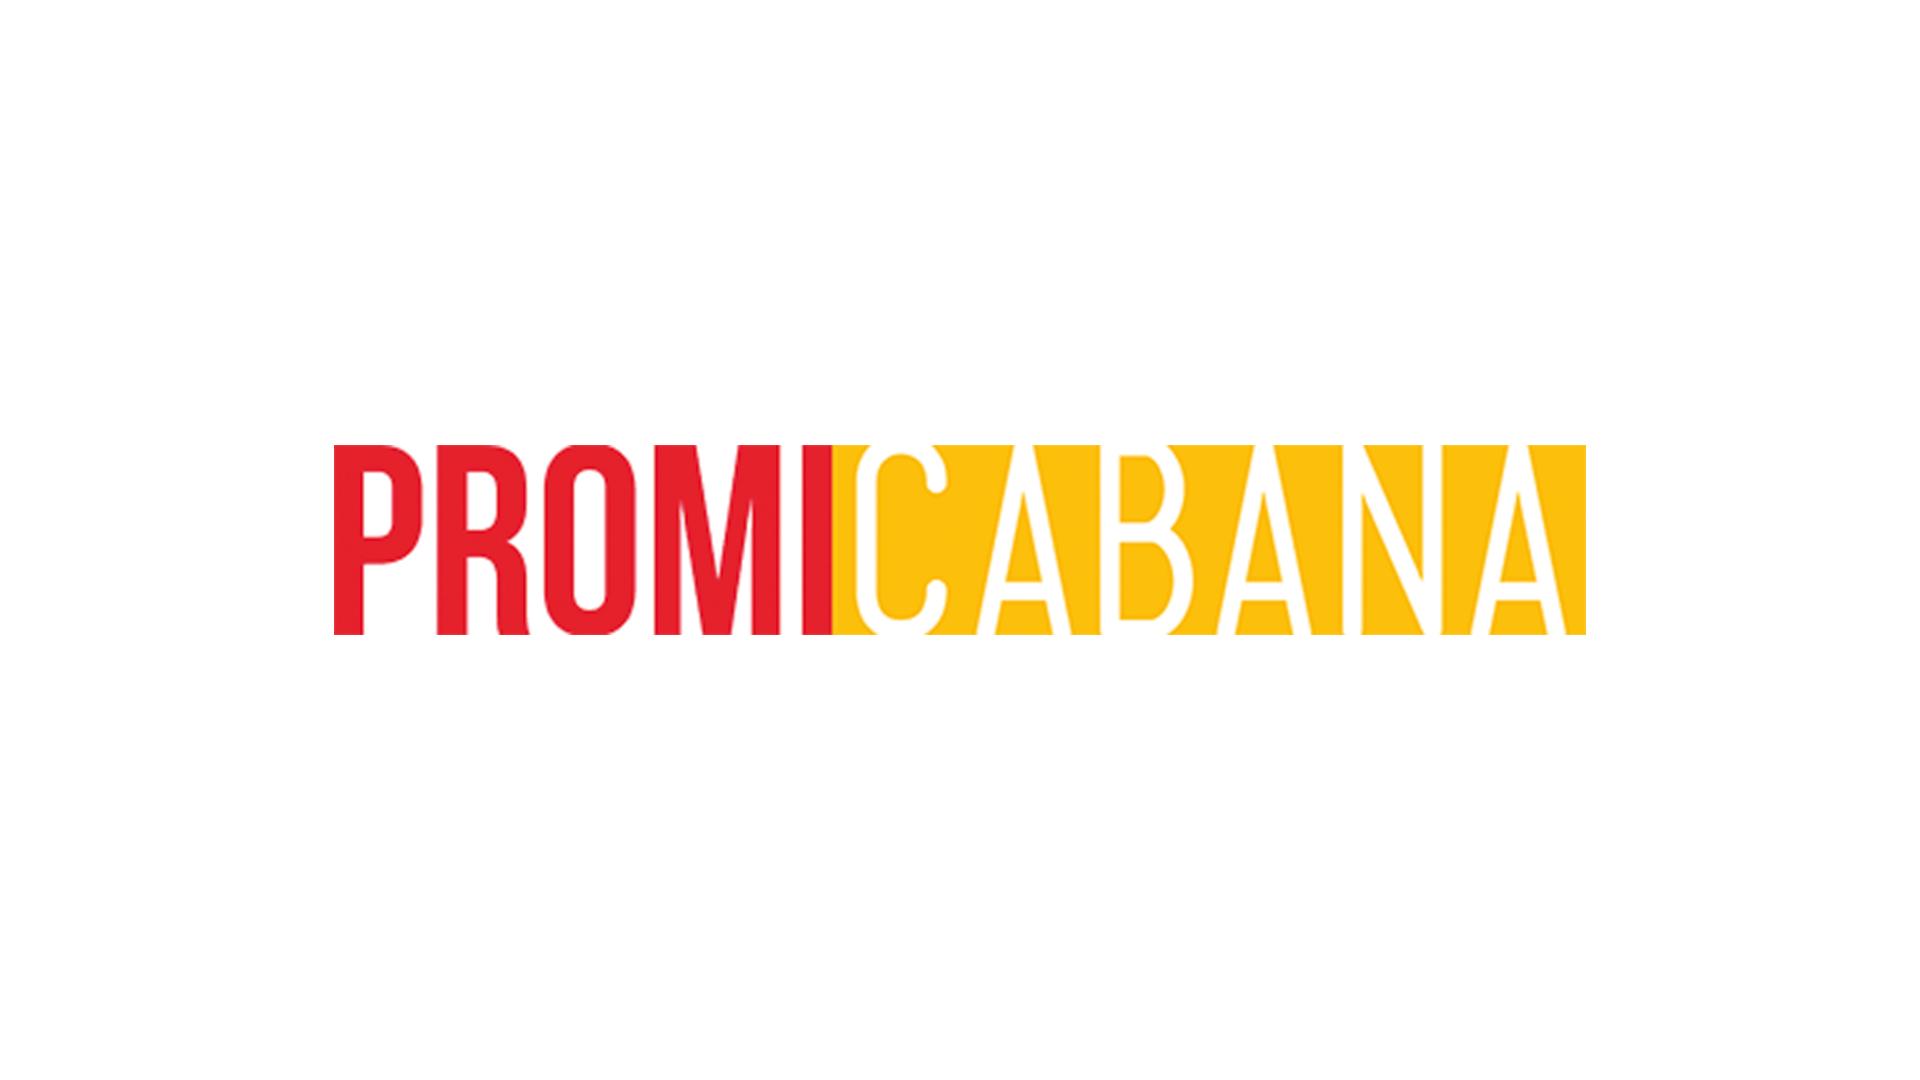 Justin-Bieber-Funny-Or-Die